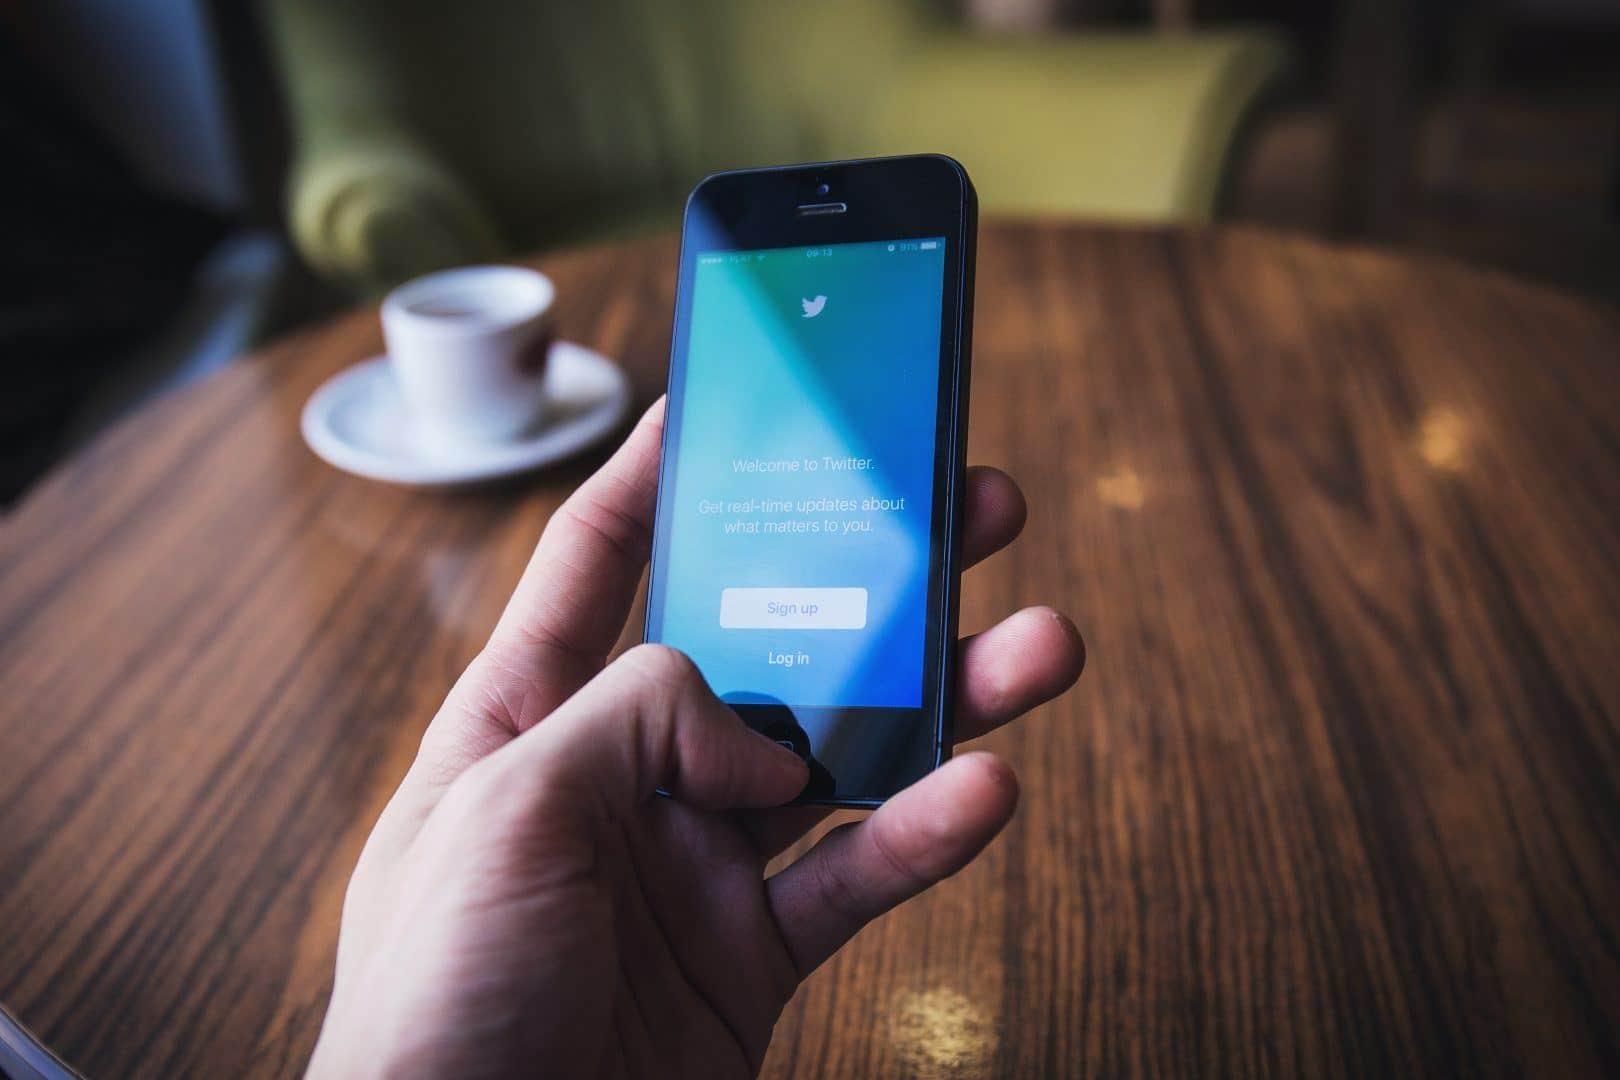 las vegas social media marketing